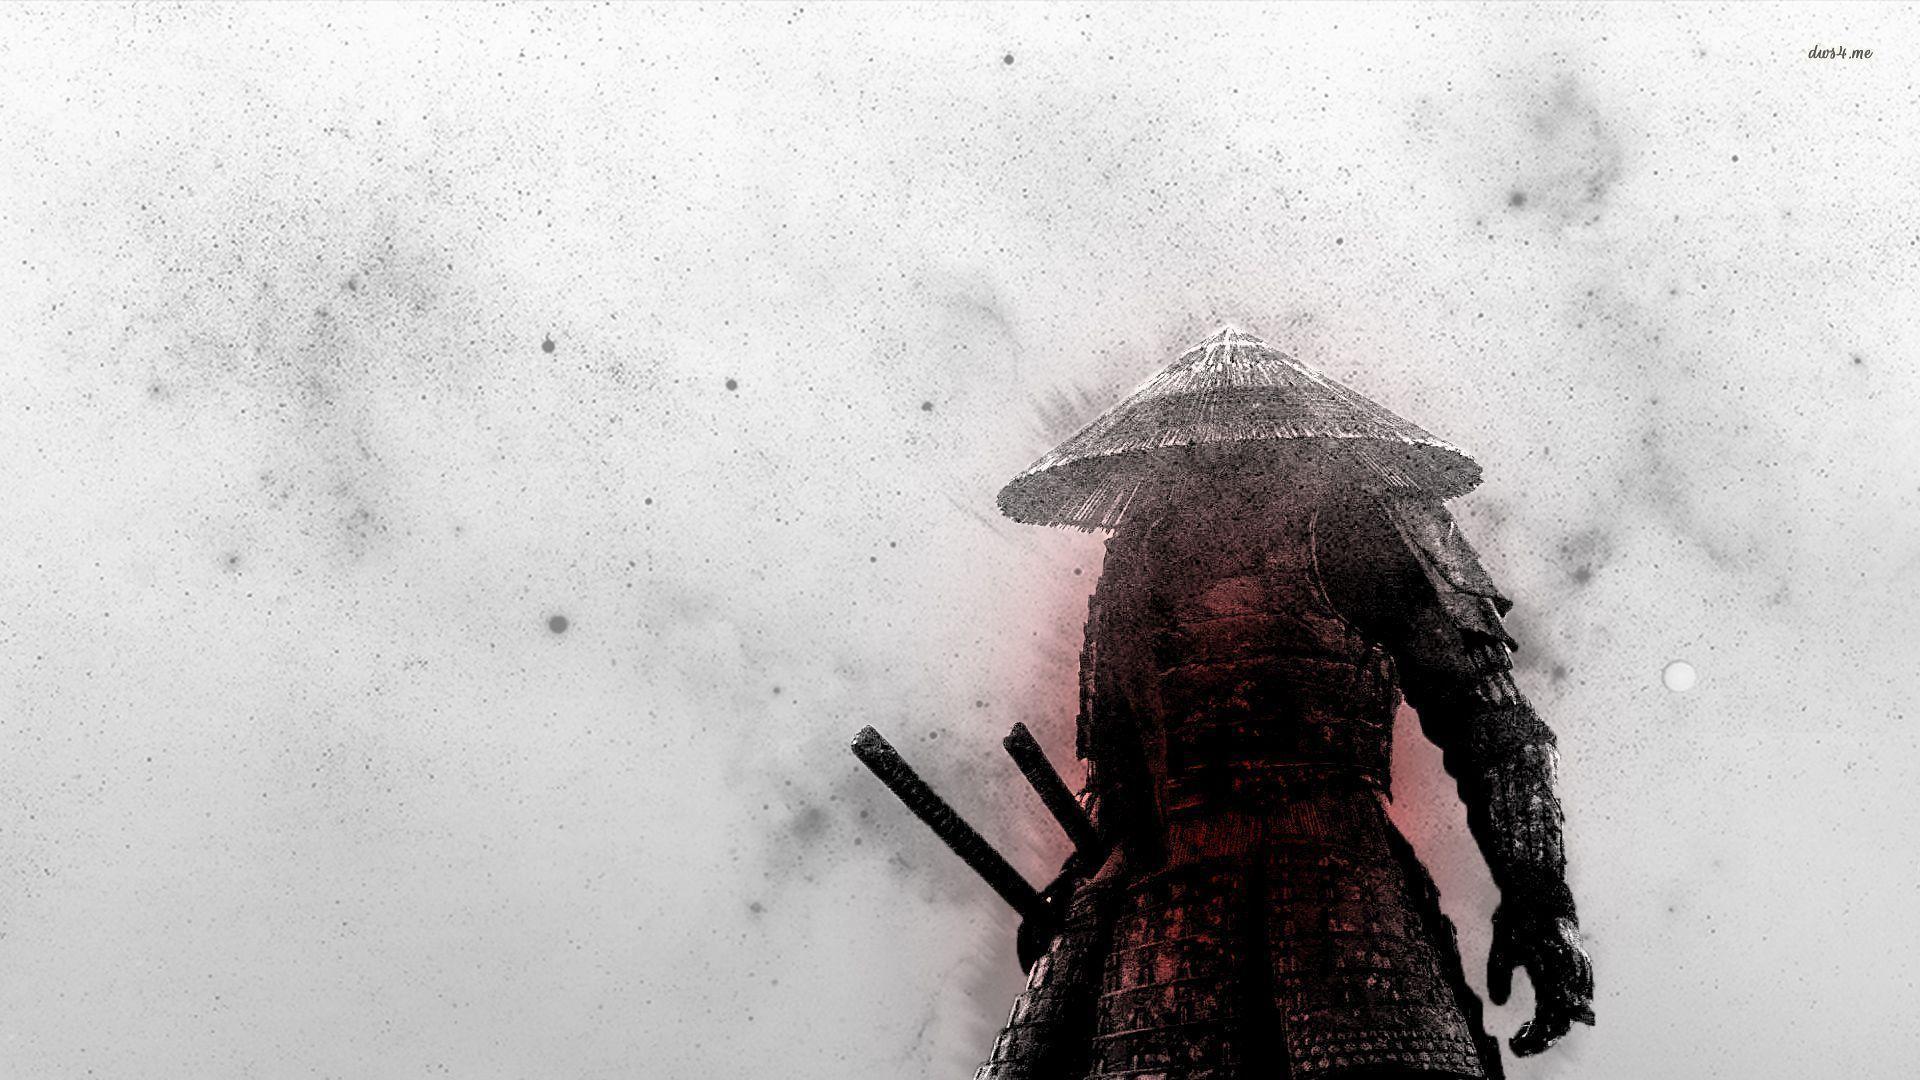 High Resolution Art Samurai Wallpapers Top Free High Resolution Art Samurai Backgrounds Wallpaperaccess